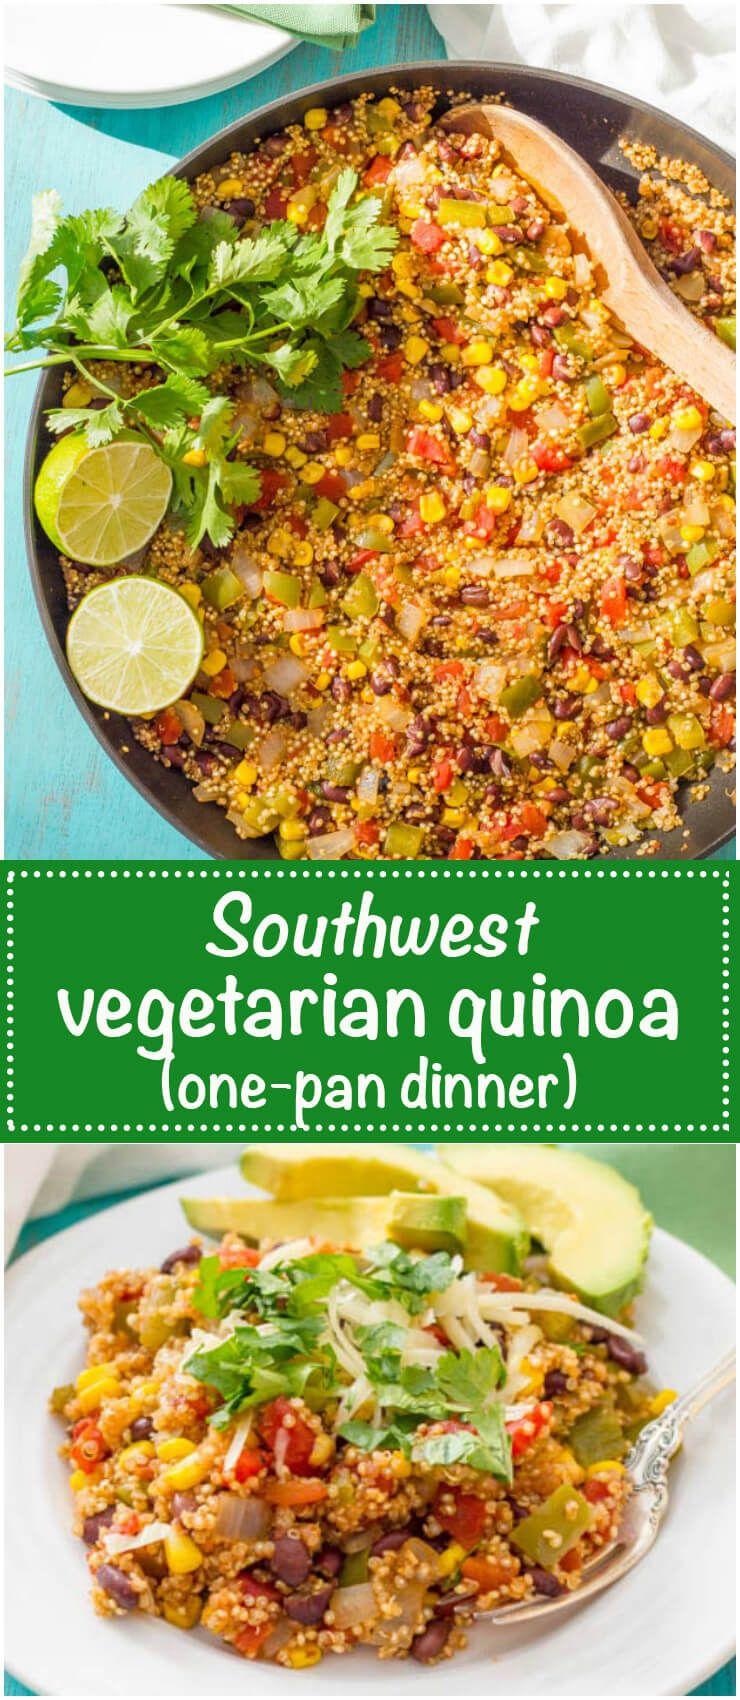 Southwest vegetarische Quinoa Pfanne ist eine schnelle und einfache Ein-Topf Abendessen Rezept, das ist gesund, aber sehr sättigend und perfekt für fleischlos Montag!     www.familyfoodonthetable.com